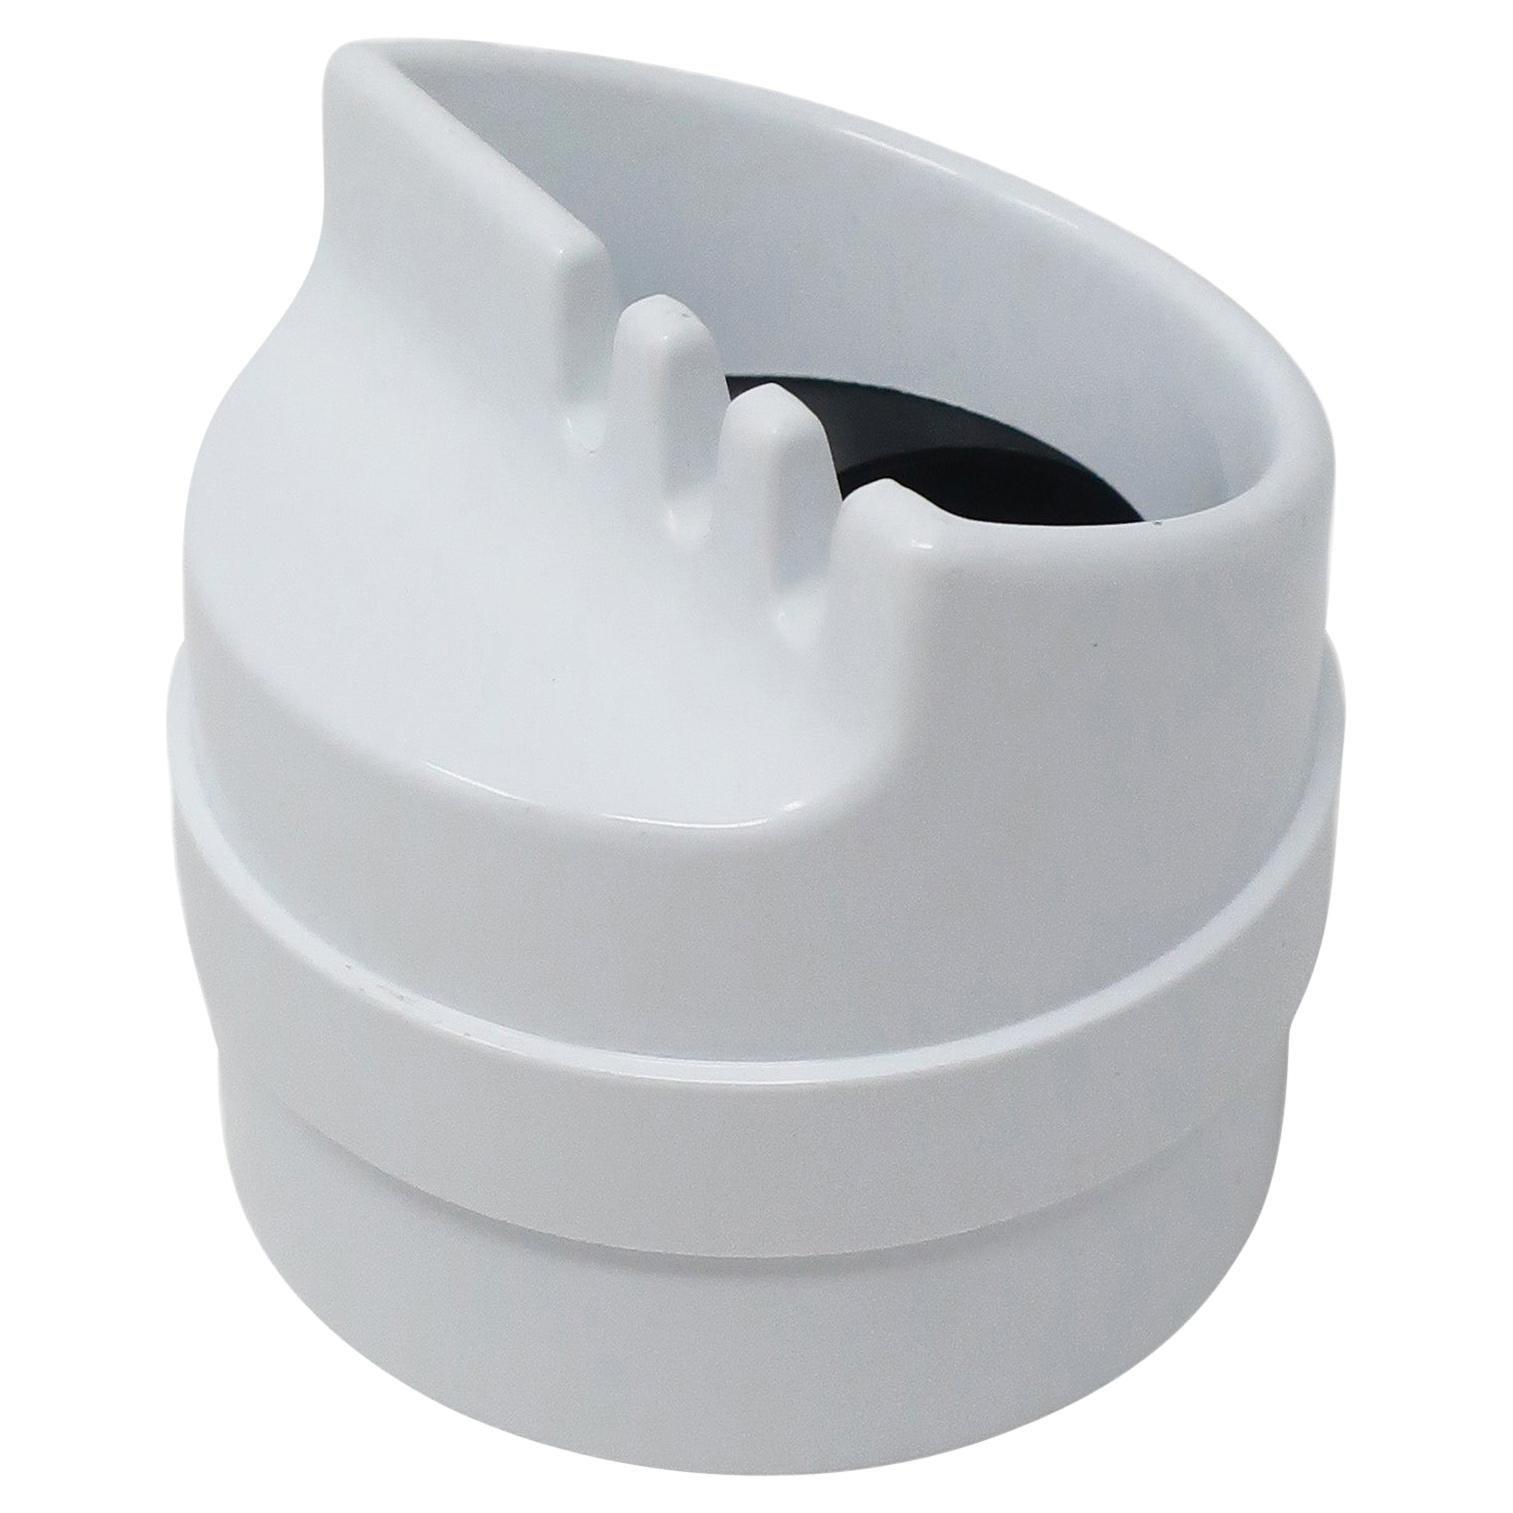 White Roto Ashtray by Joe Colombo for Kartell